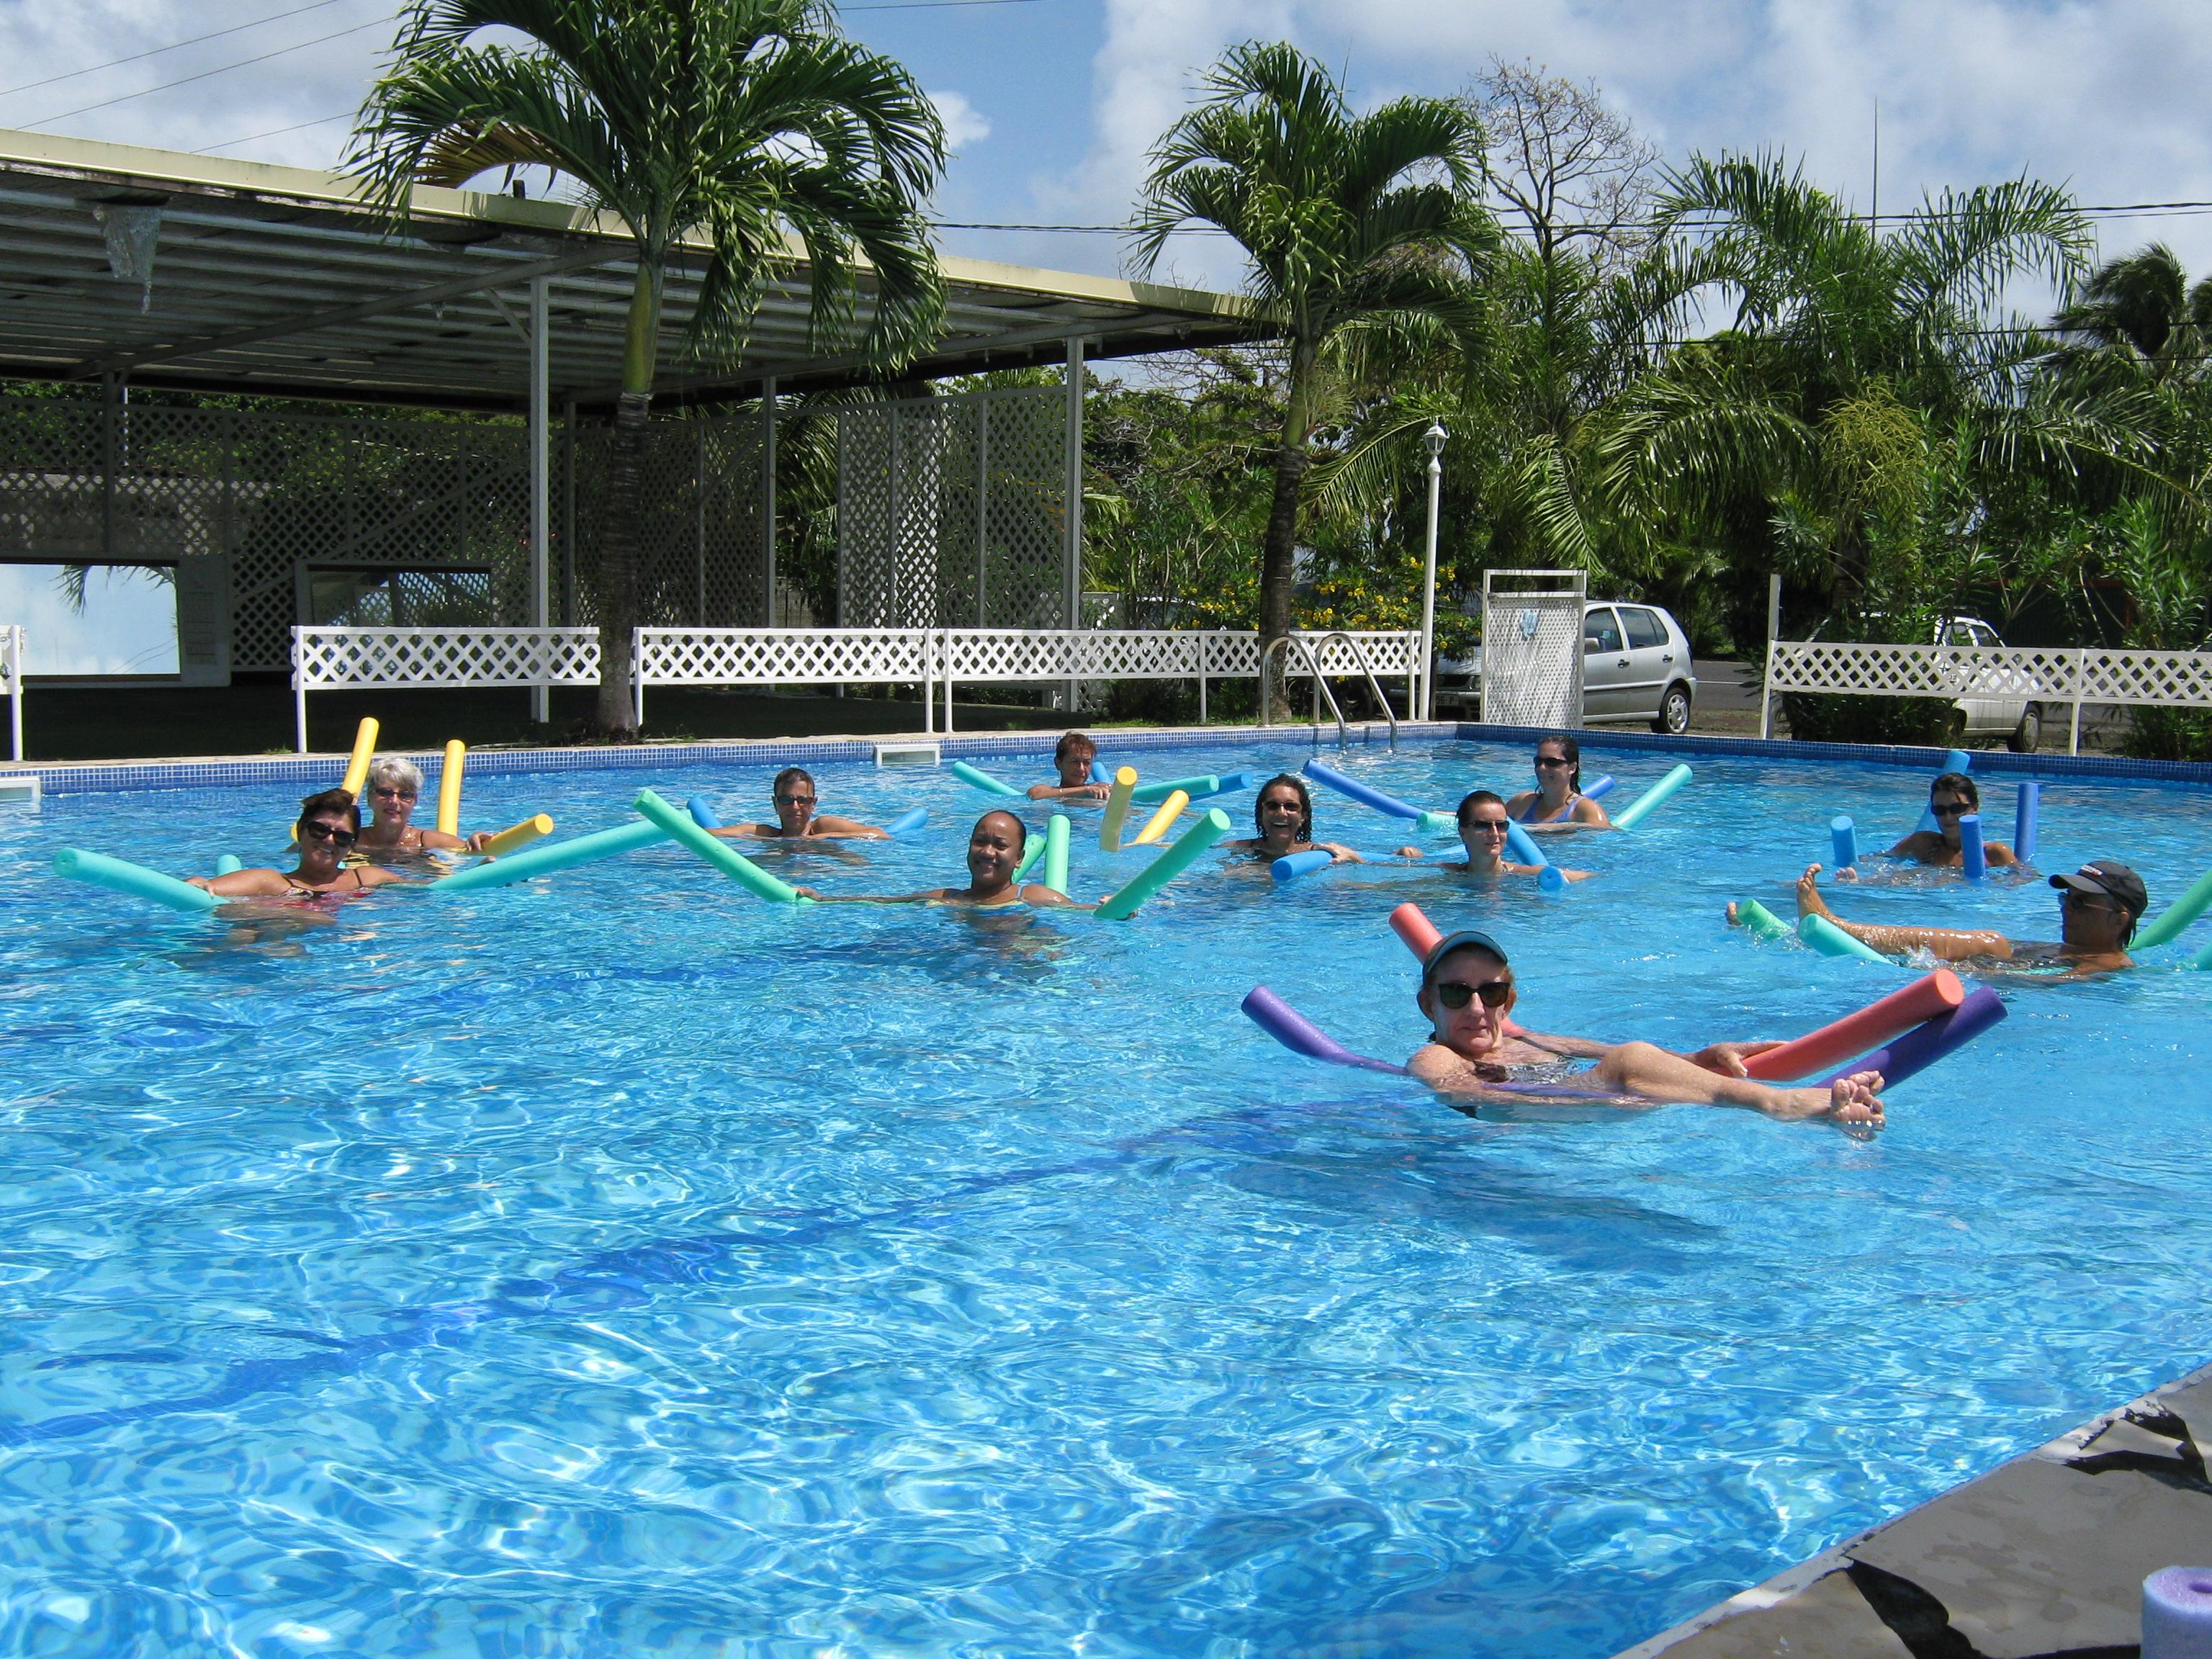 Toutes les activites piscine activites a la piscine for Accouchement piscine